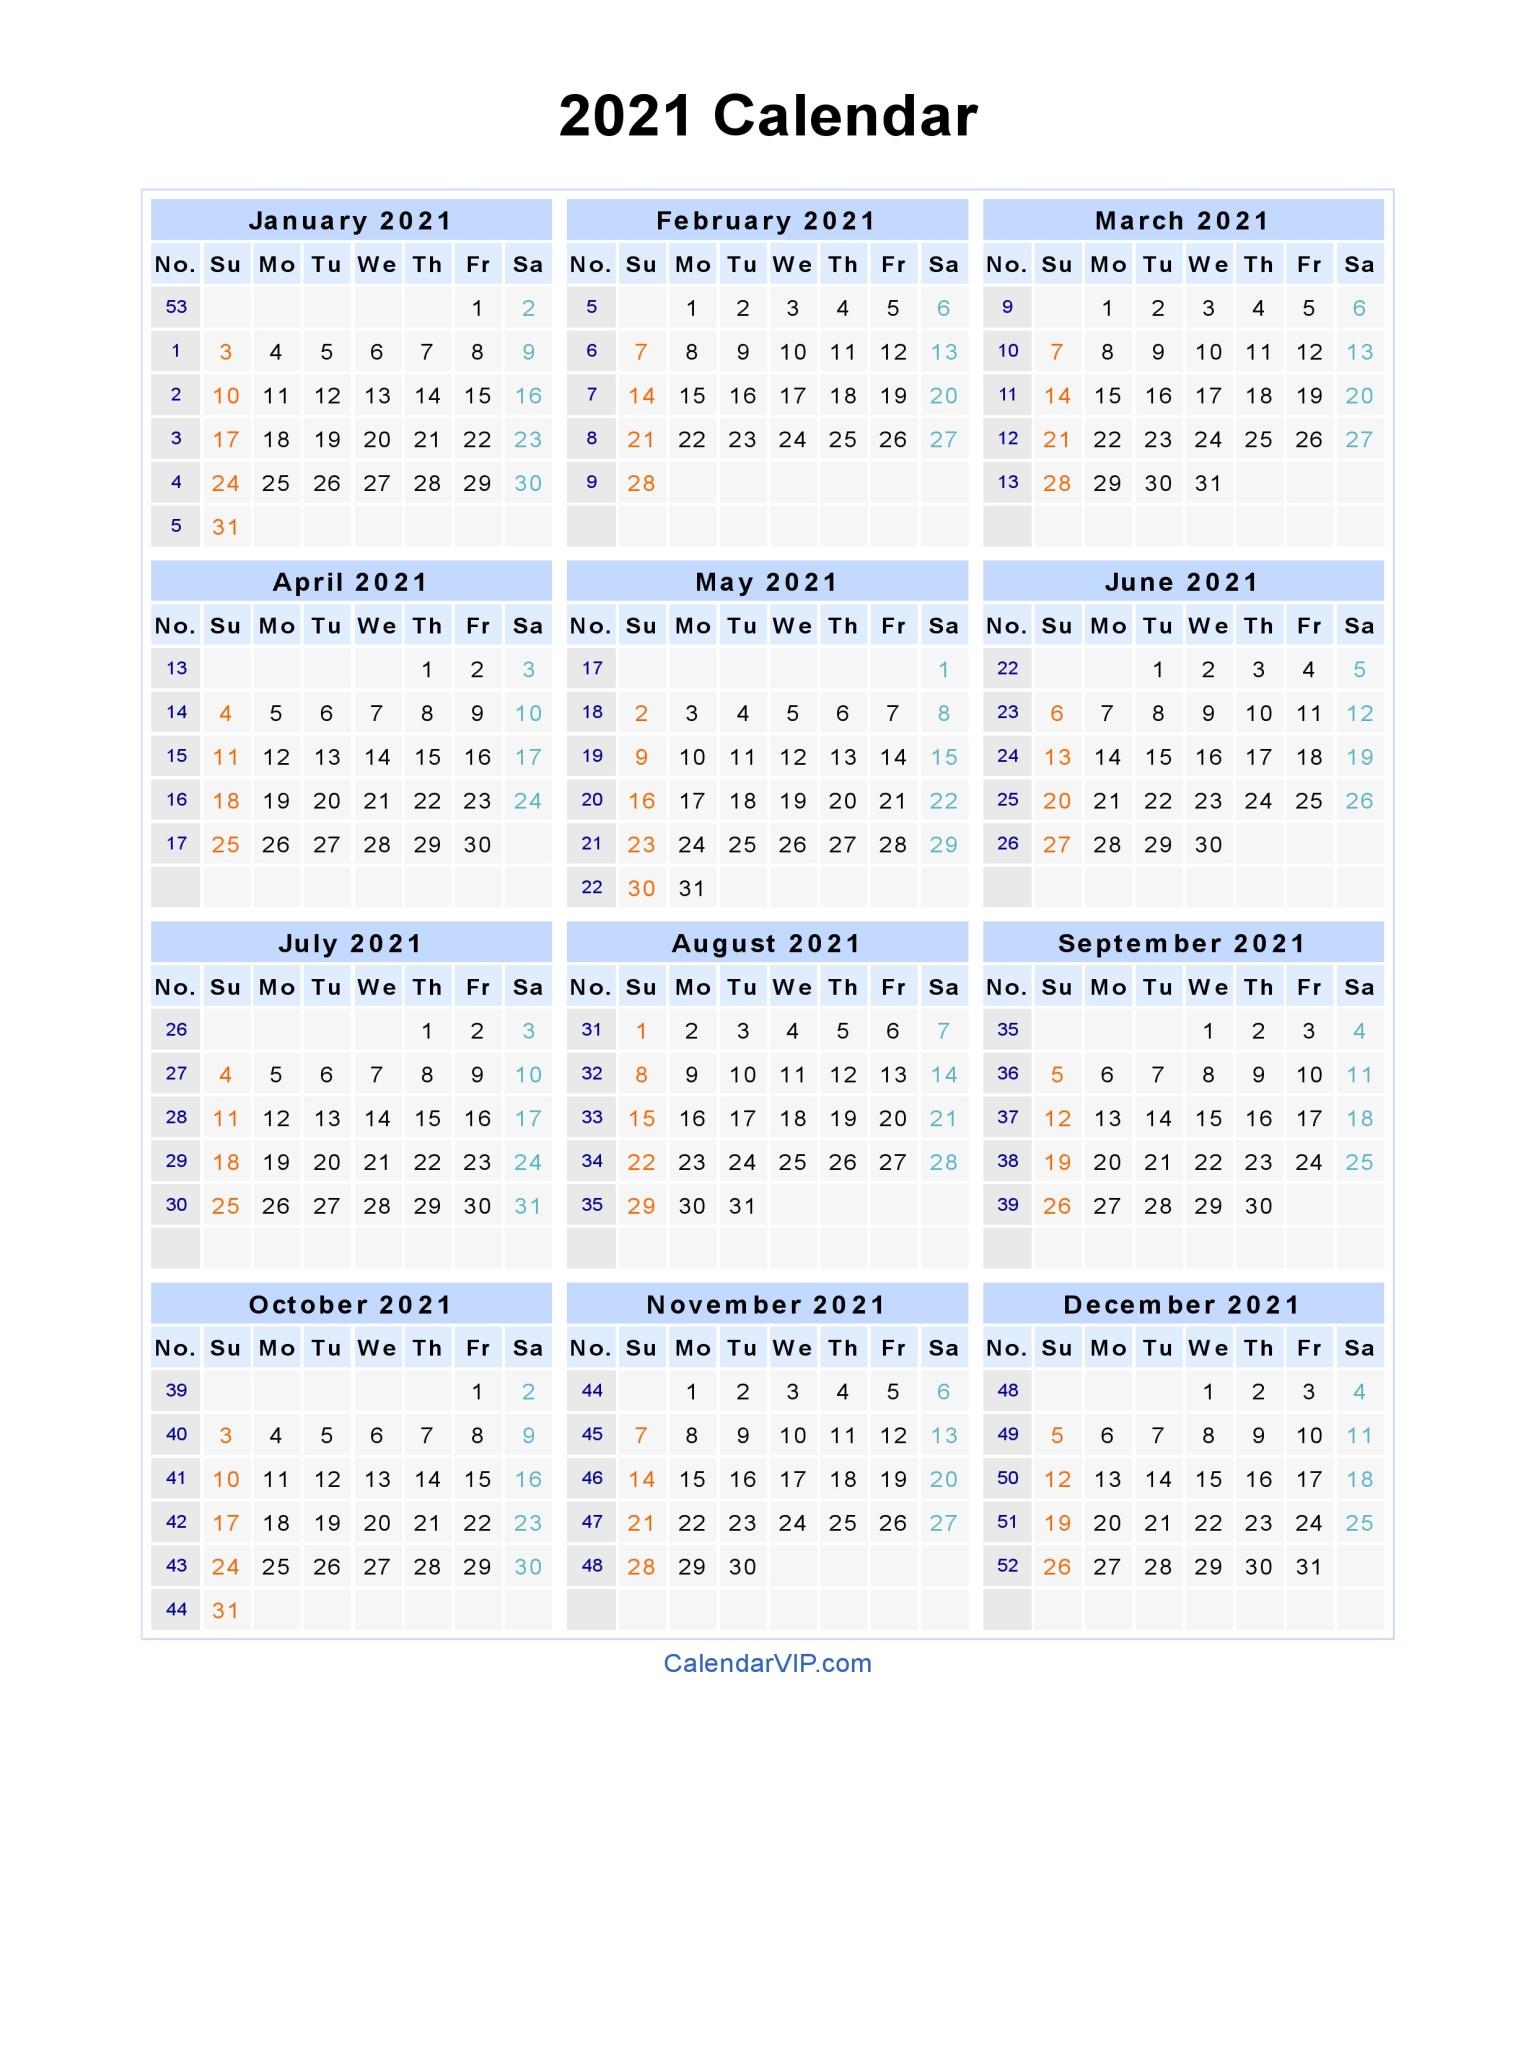 2021 Calendar - Blank Printable Calendar Template in PDF Word Excel